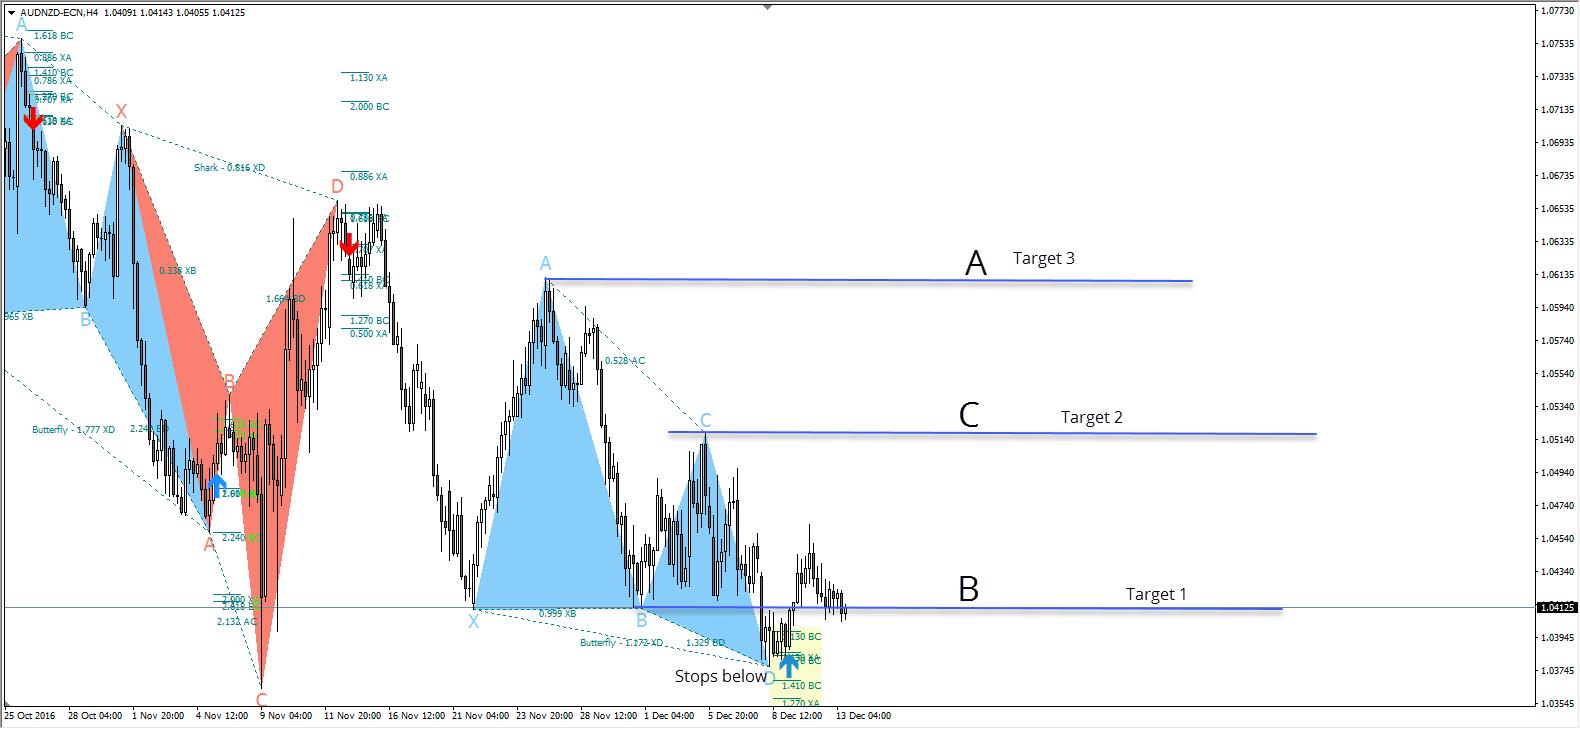 AUDNZD - MT4 Chart